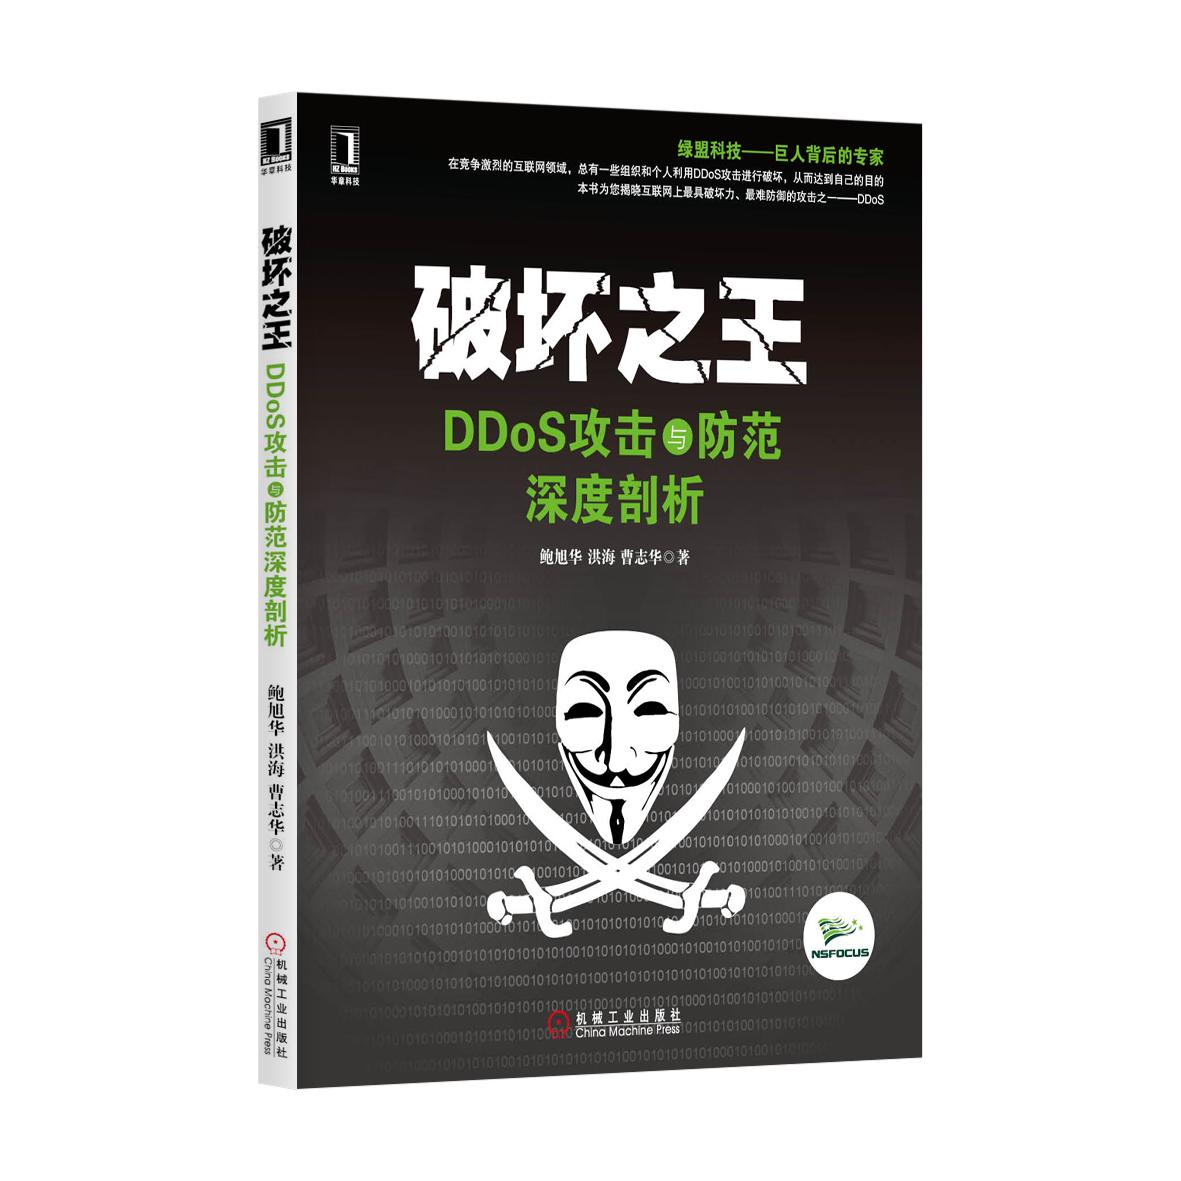 3769836|【按需印刷】破坏之王:ddos攻击与防范深度剖析